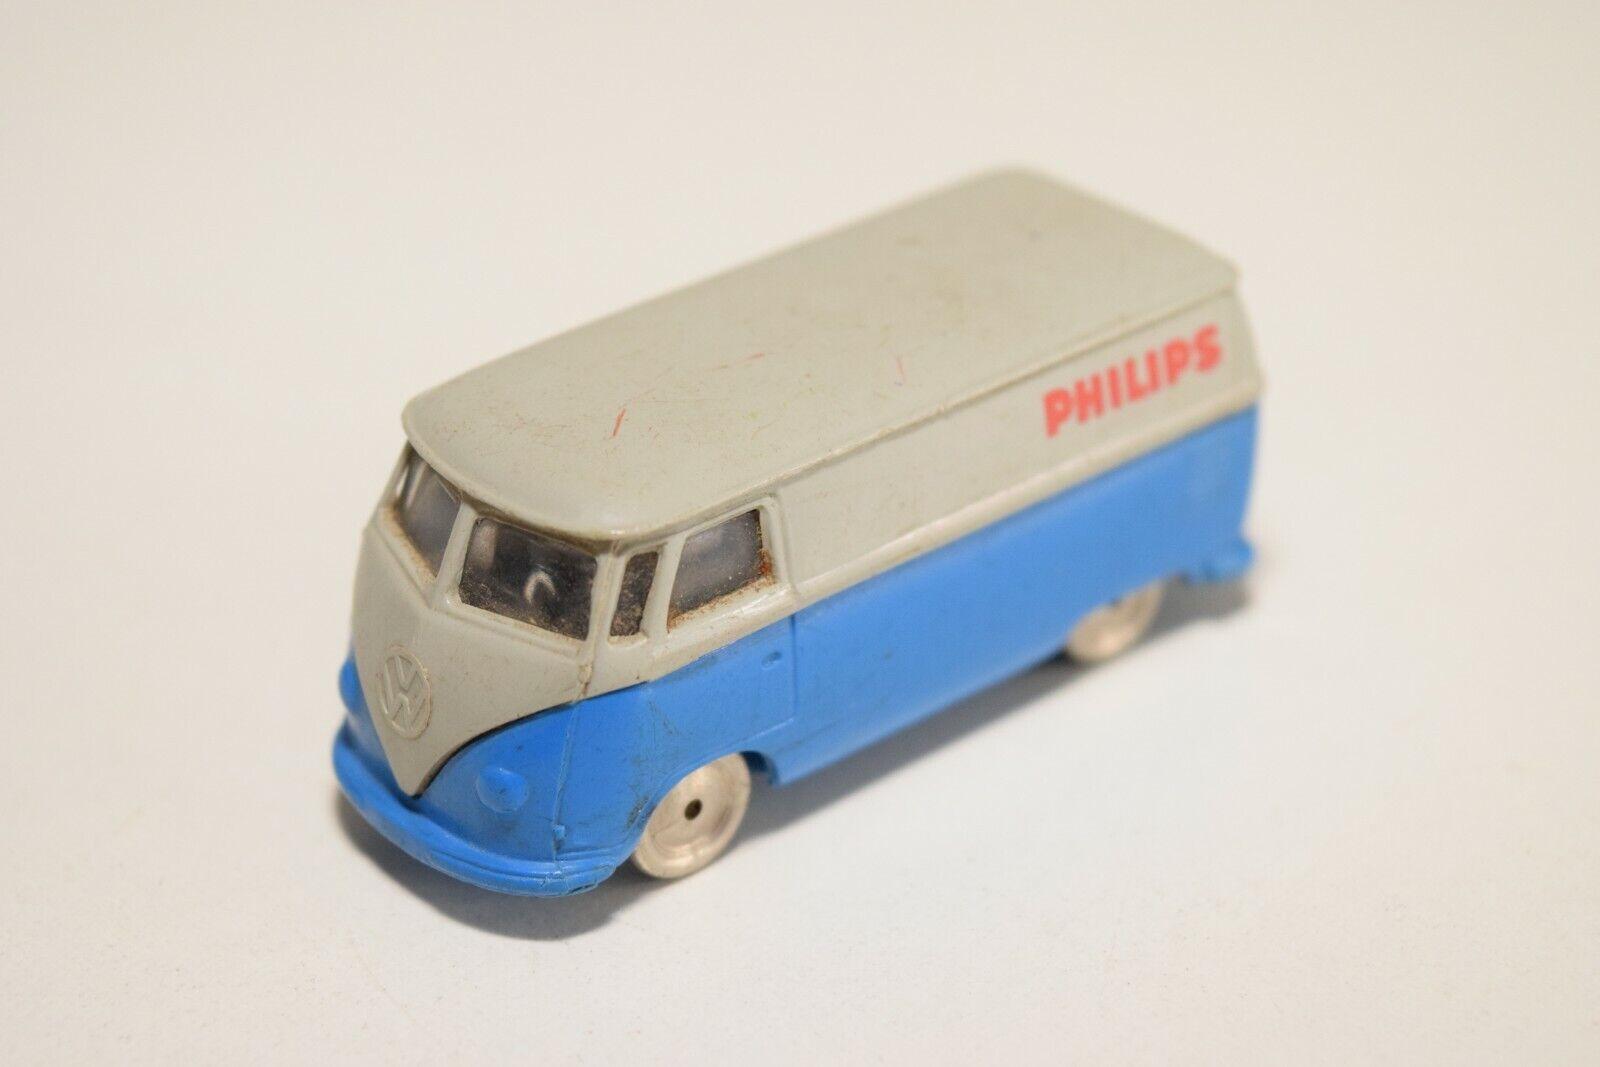 LEGO 1 87 VW VOLKSWAGEN TRANSPORTER T1 PHILIPS DUTCH WERBE EXCELLENT RARE SELTEN